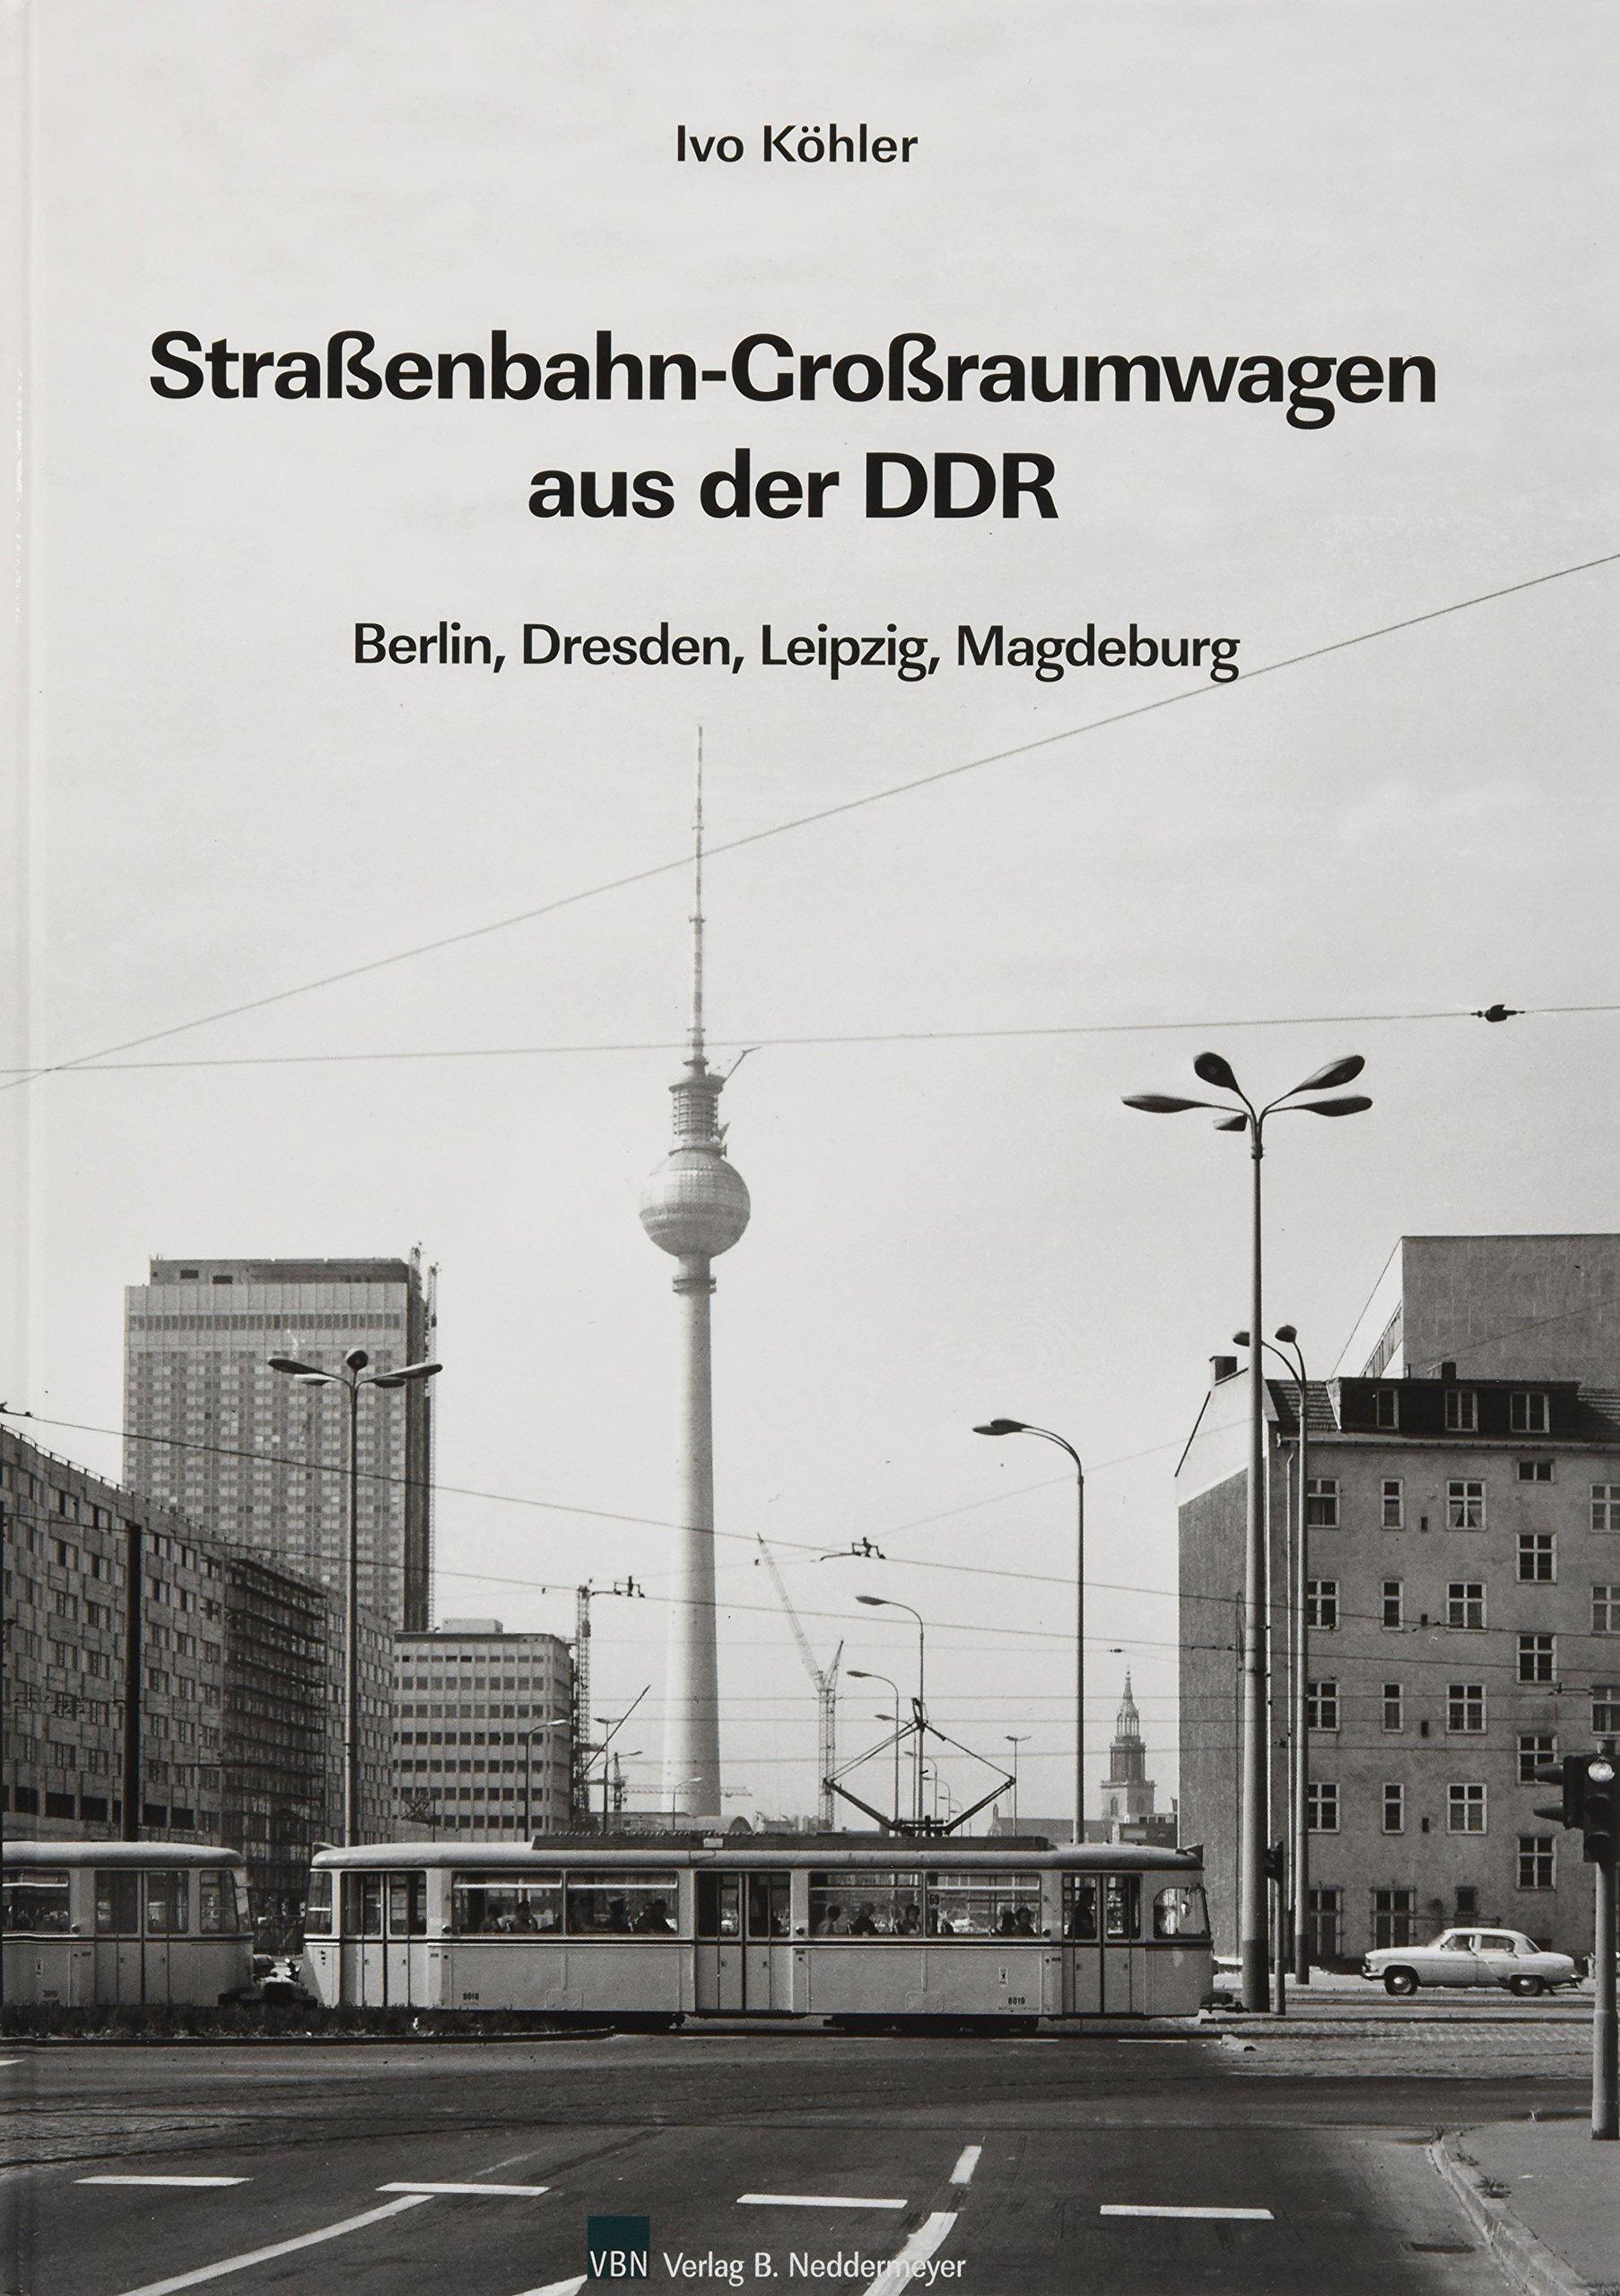 Straßenbahn-Großraumwagen aus der DDR: Berlin, Dresden, Leipzig, Magdeburg